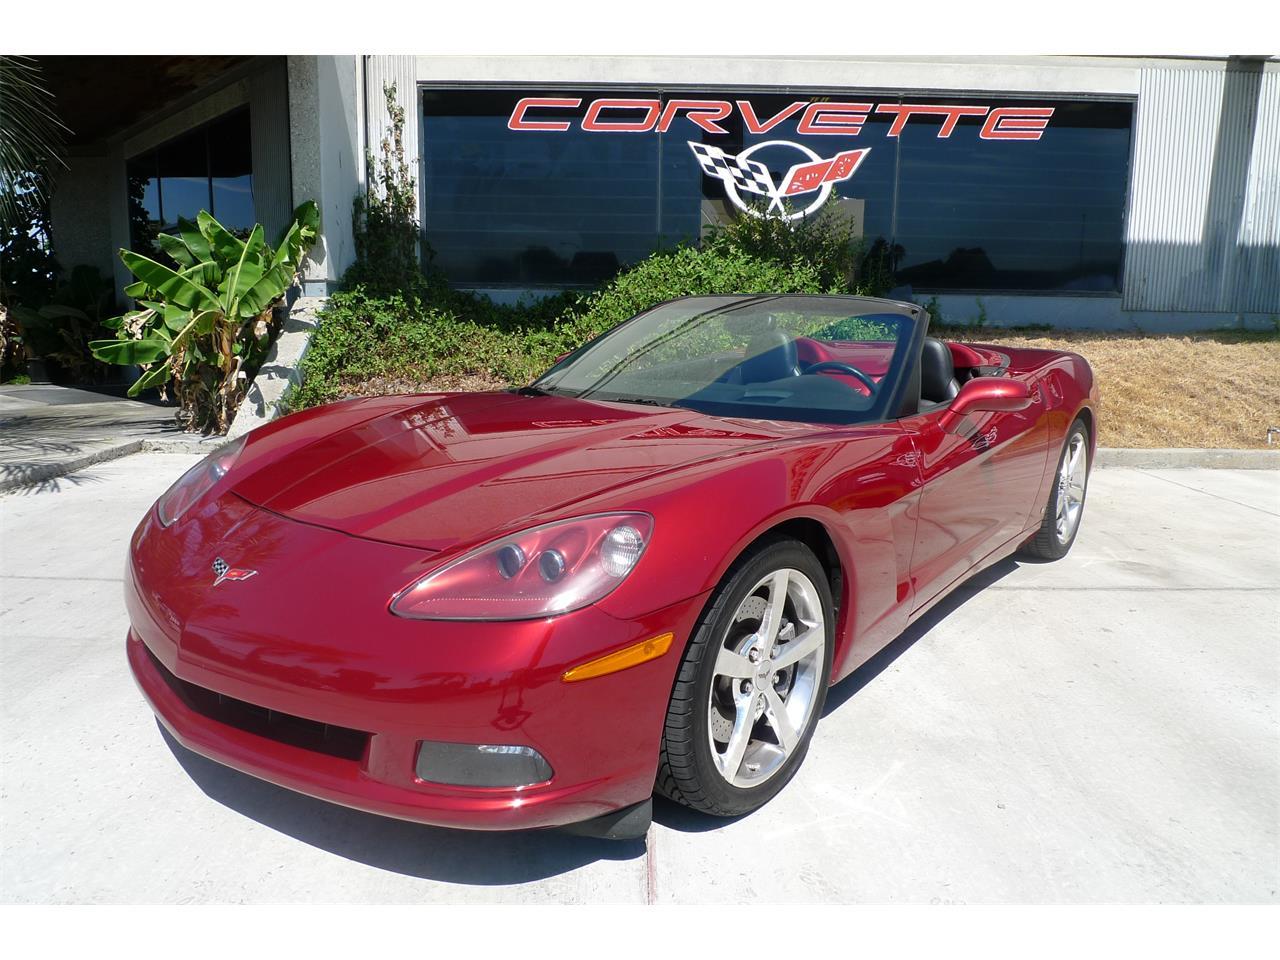 2008 Corvette For Sale >> 2008 Chevrolet Corvette For Sale Classiccars Com Cc 1129496